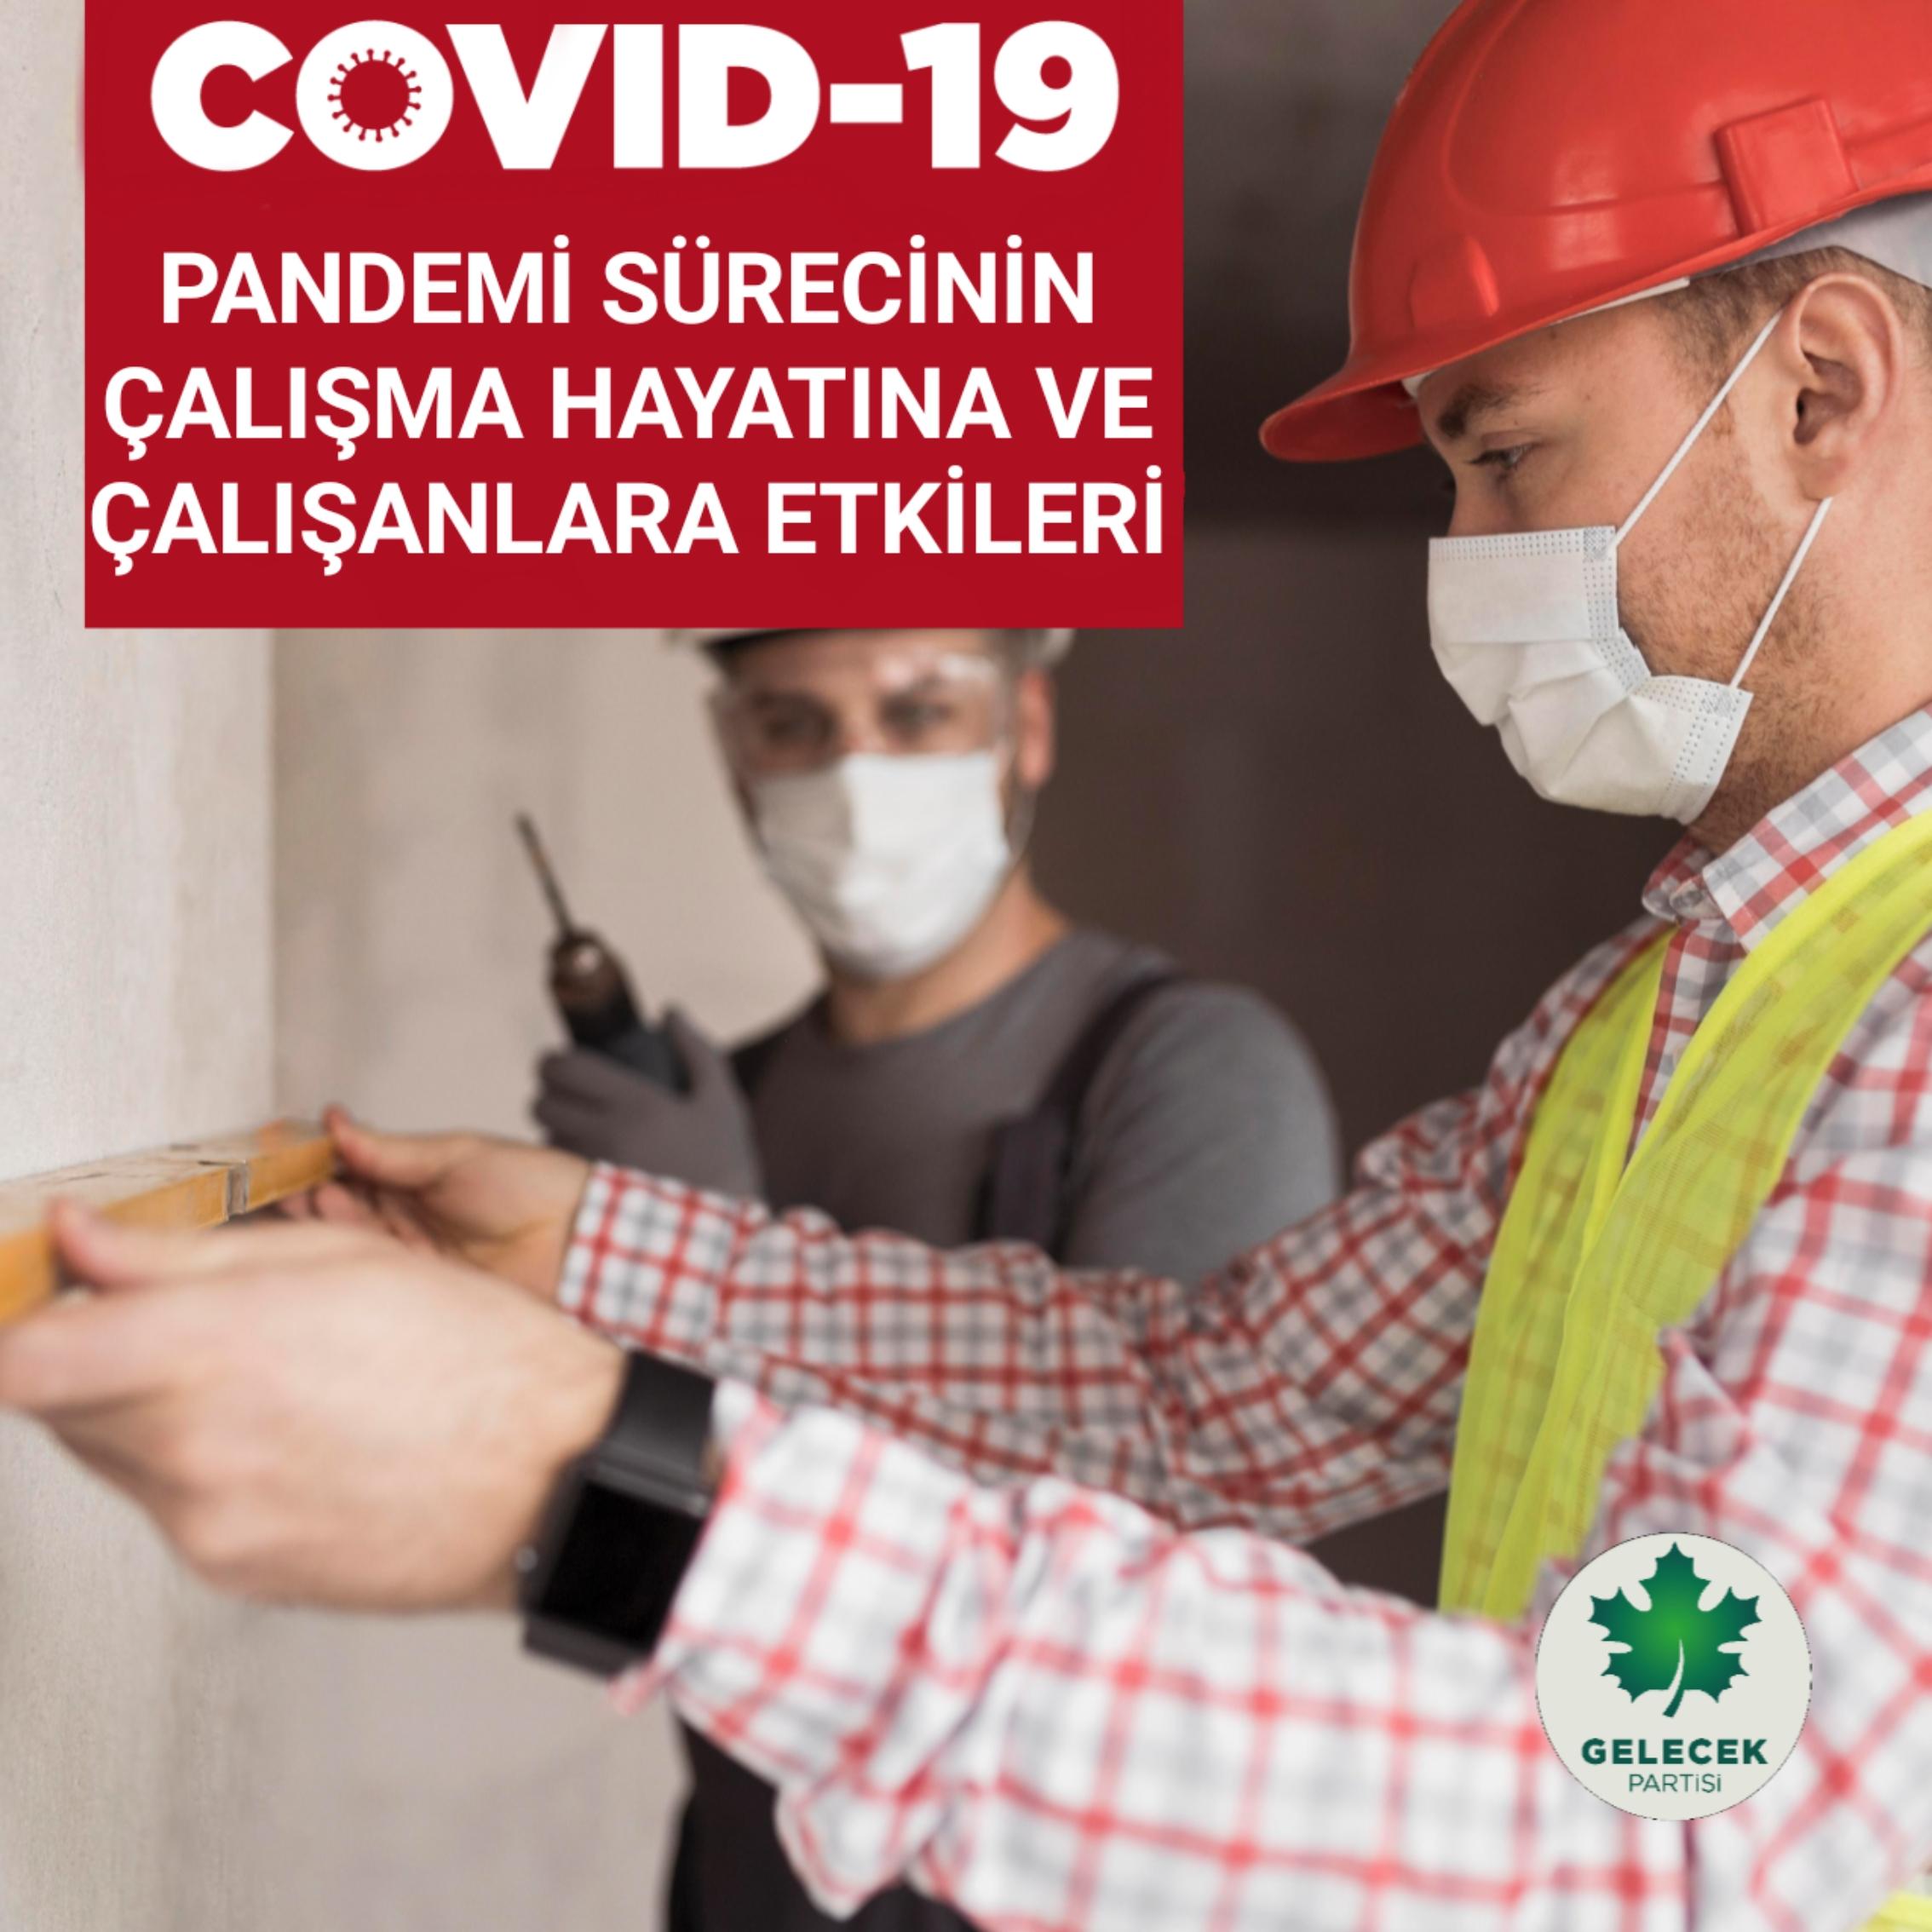 COVID-19 PANDEMİ SÜRECİNİN ÇALIŞMA HAYATINA VE ÇALIŞANLARA ETKİLERİ